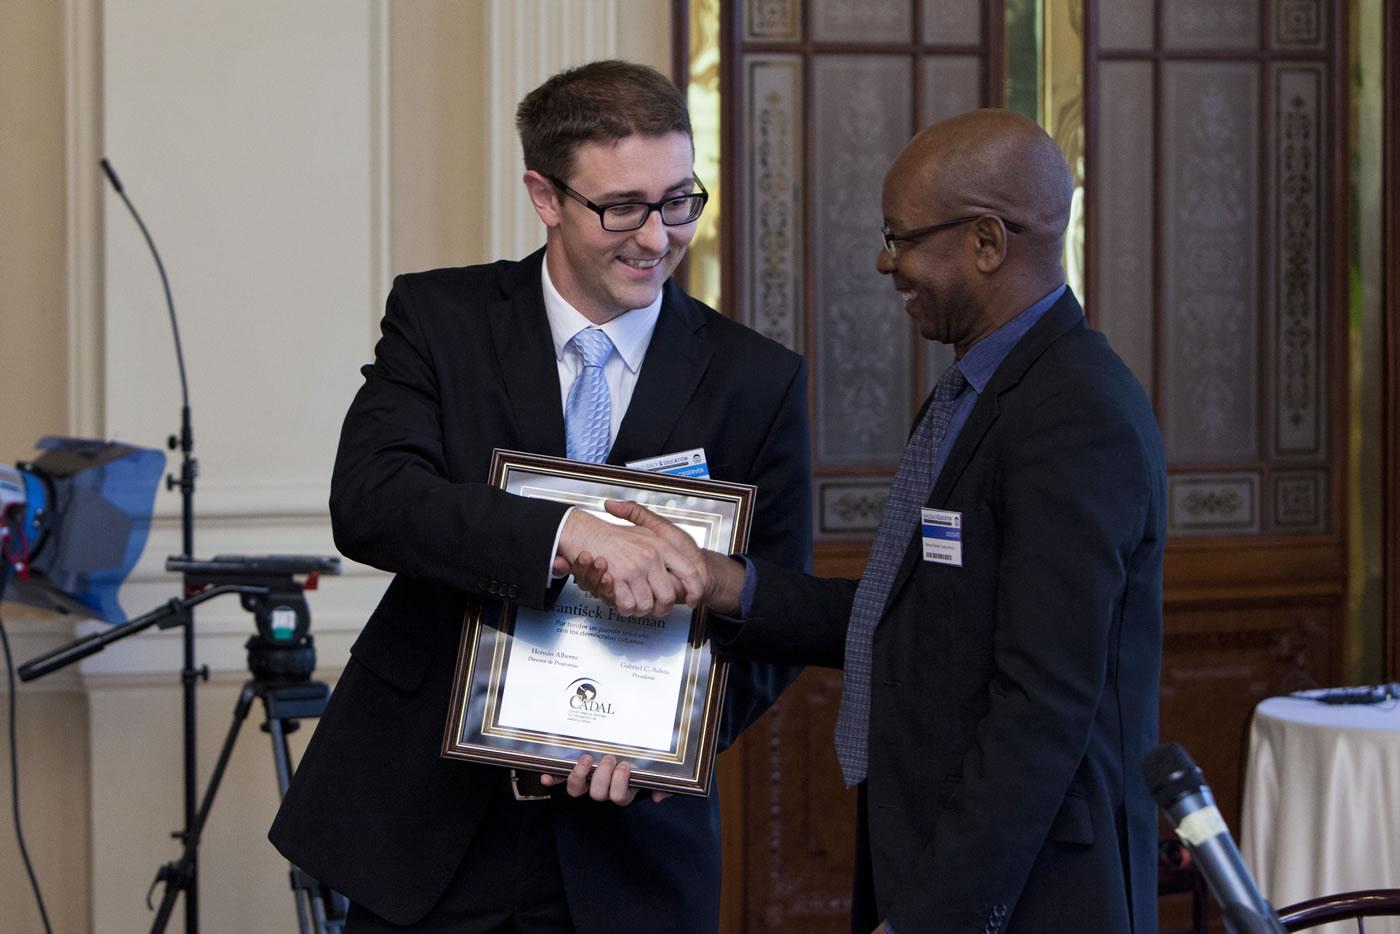 Diplomático checo recibe Premio en Praga